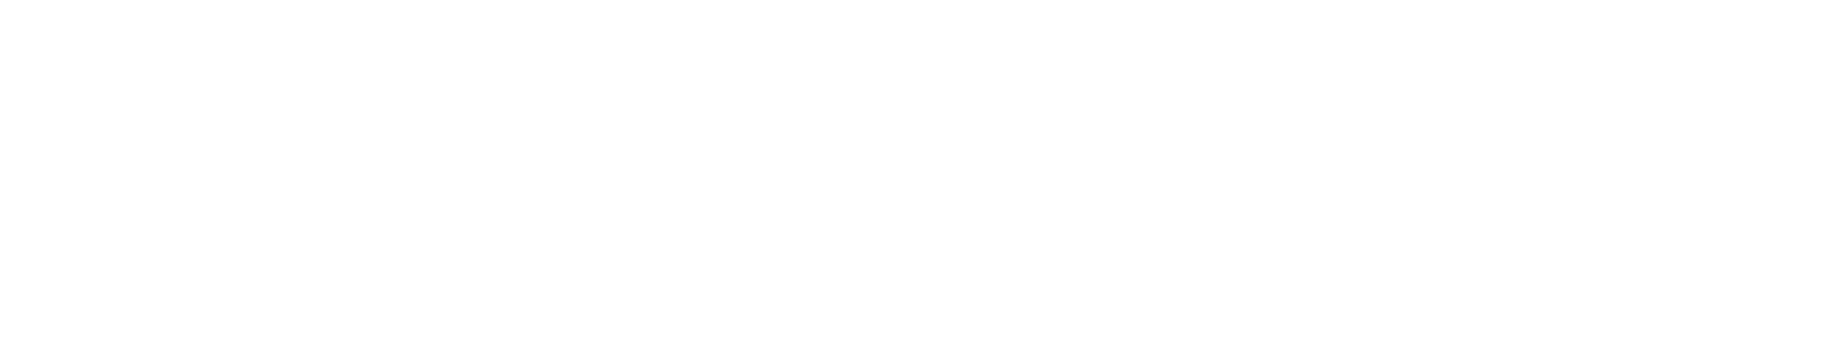 Imprific.com